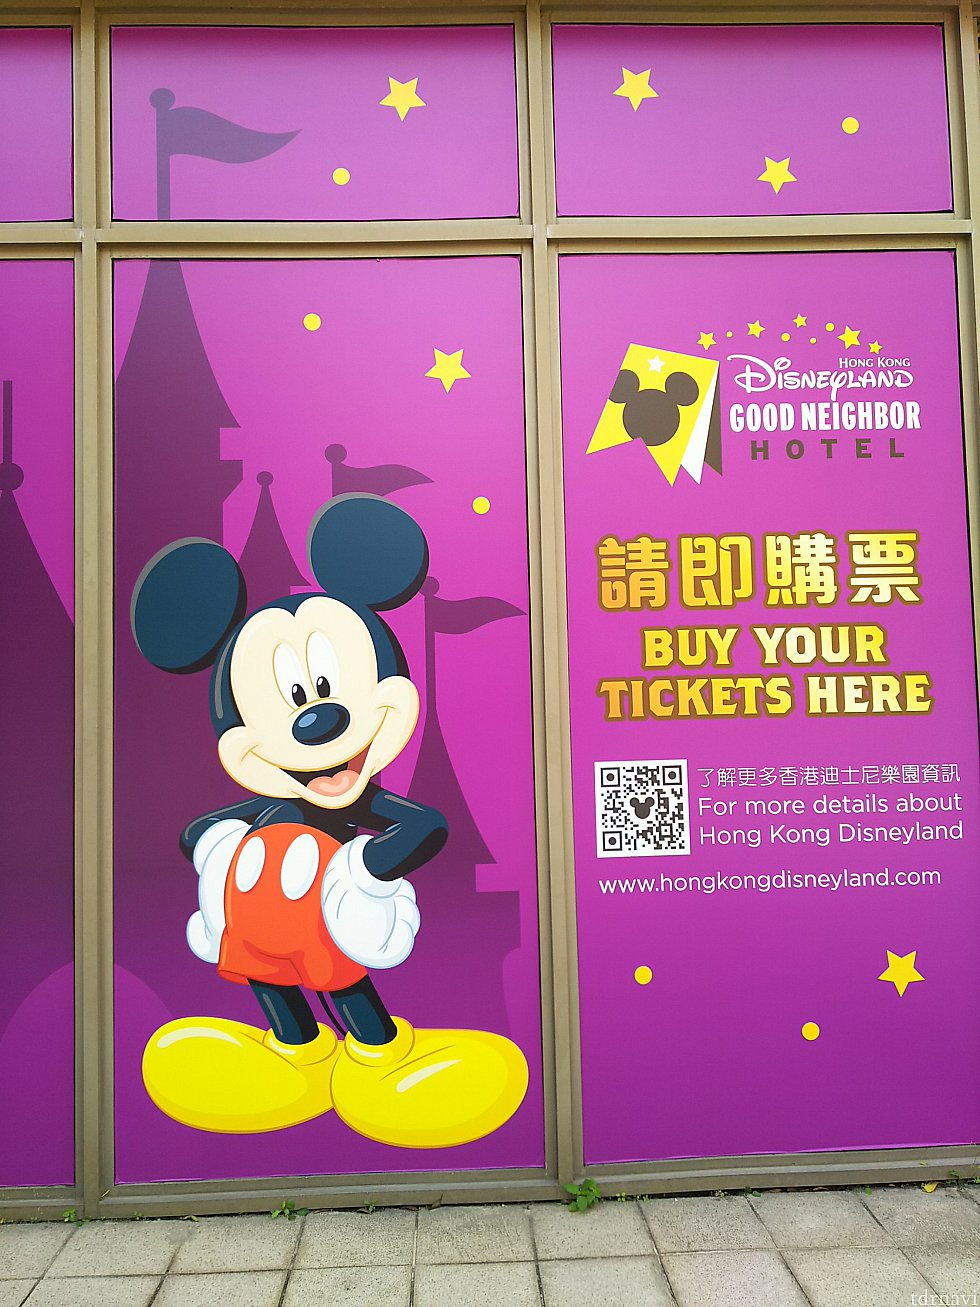 『ホテルでパークチケットを購入できます』の案内ポスター